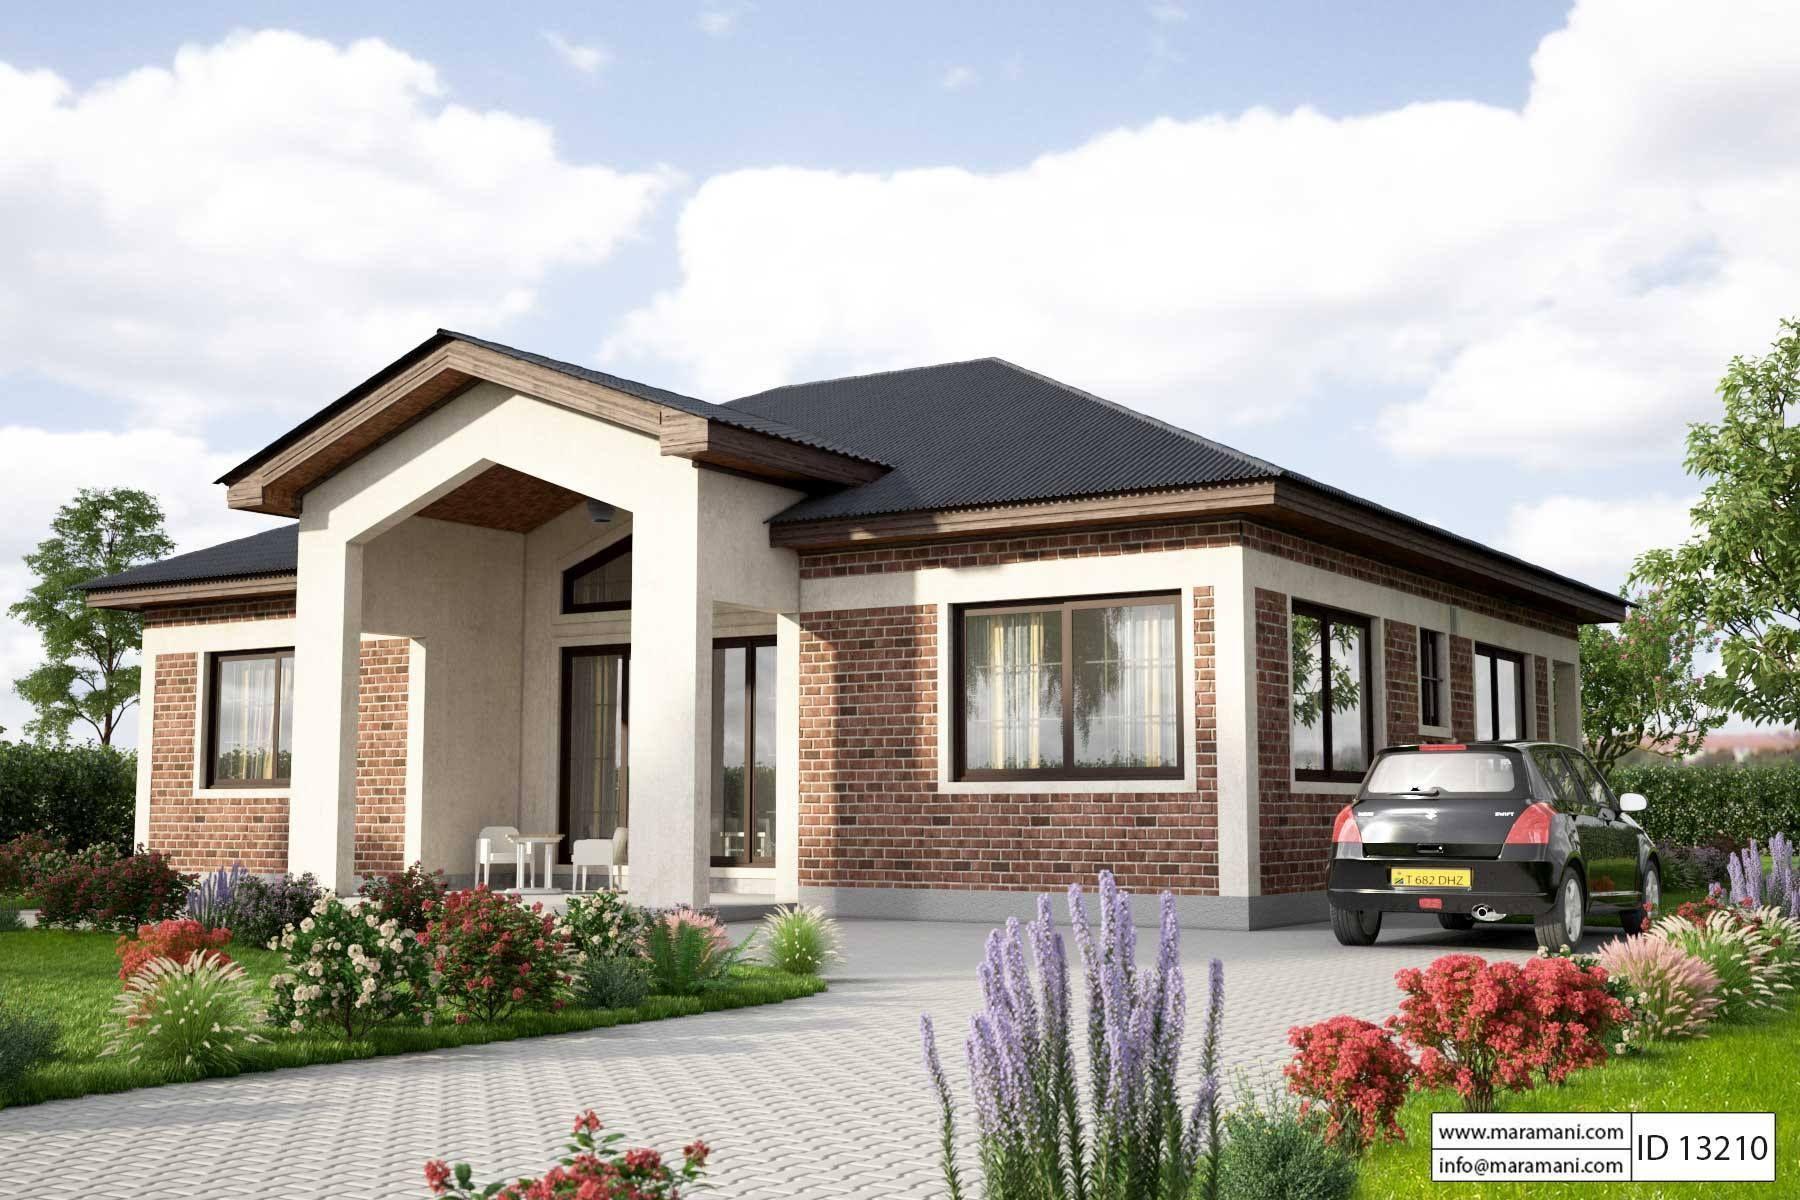 3 Bedroom House Plan  ID 13210 in 2019  designs  Simple